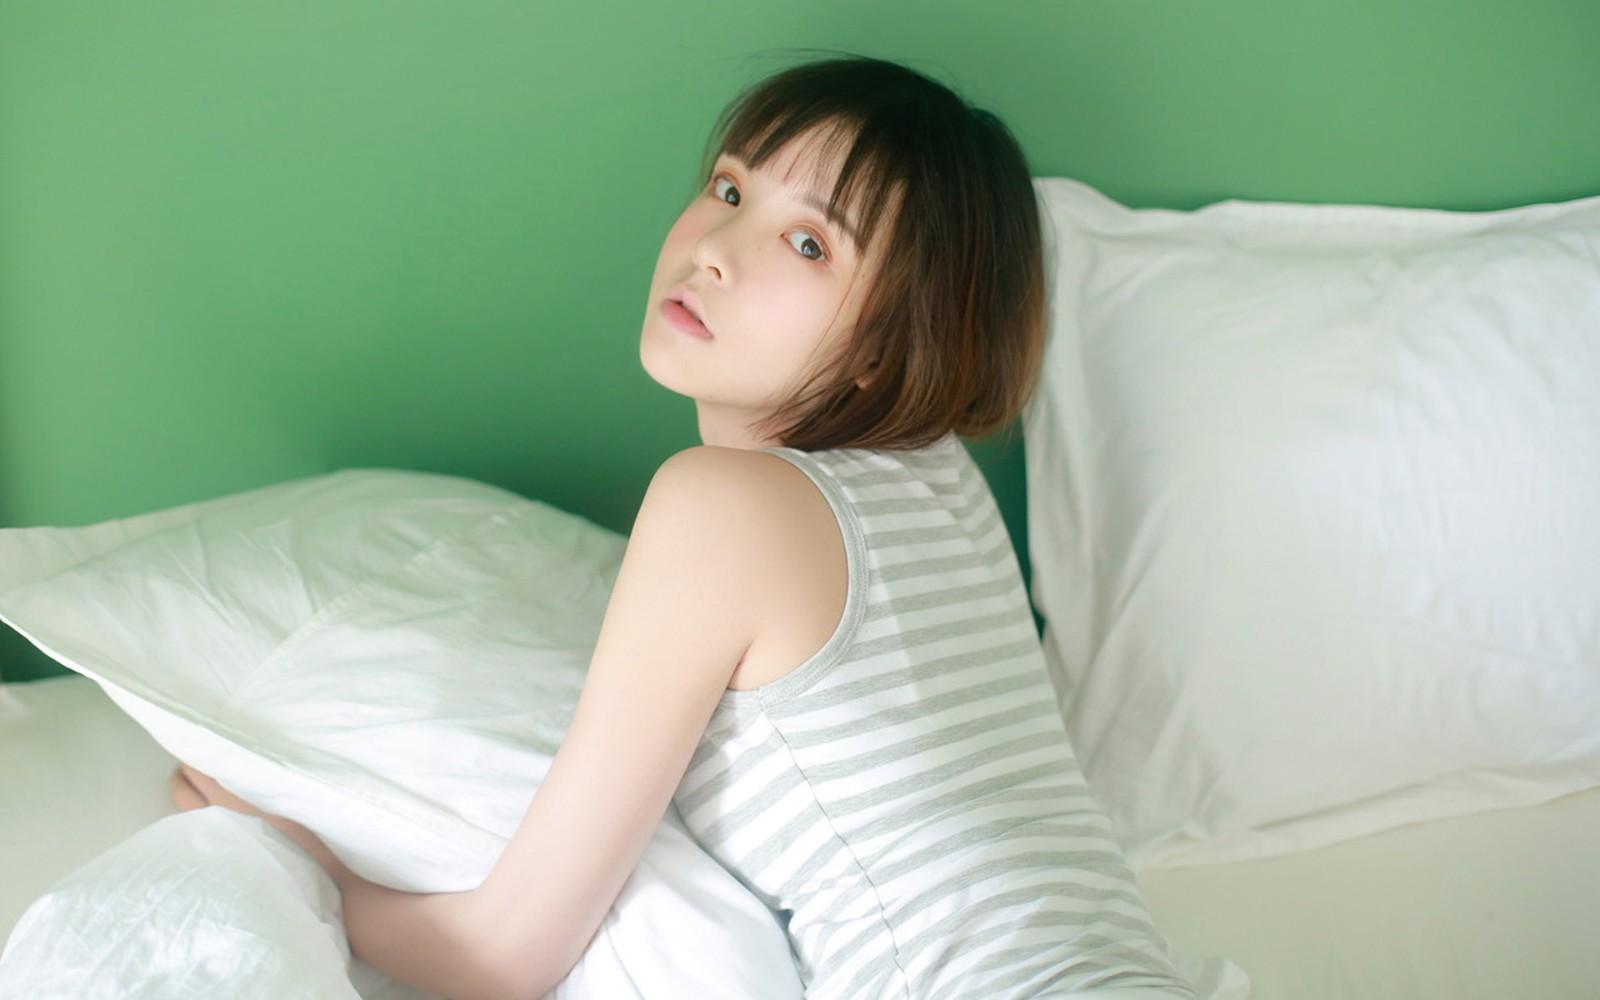 清新大眼齐肩短发女孩着斑马纹背心慵懒床上私房写真桌面壁纸